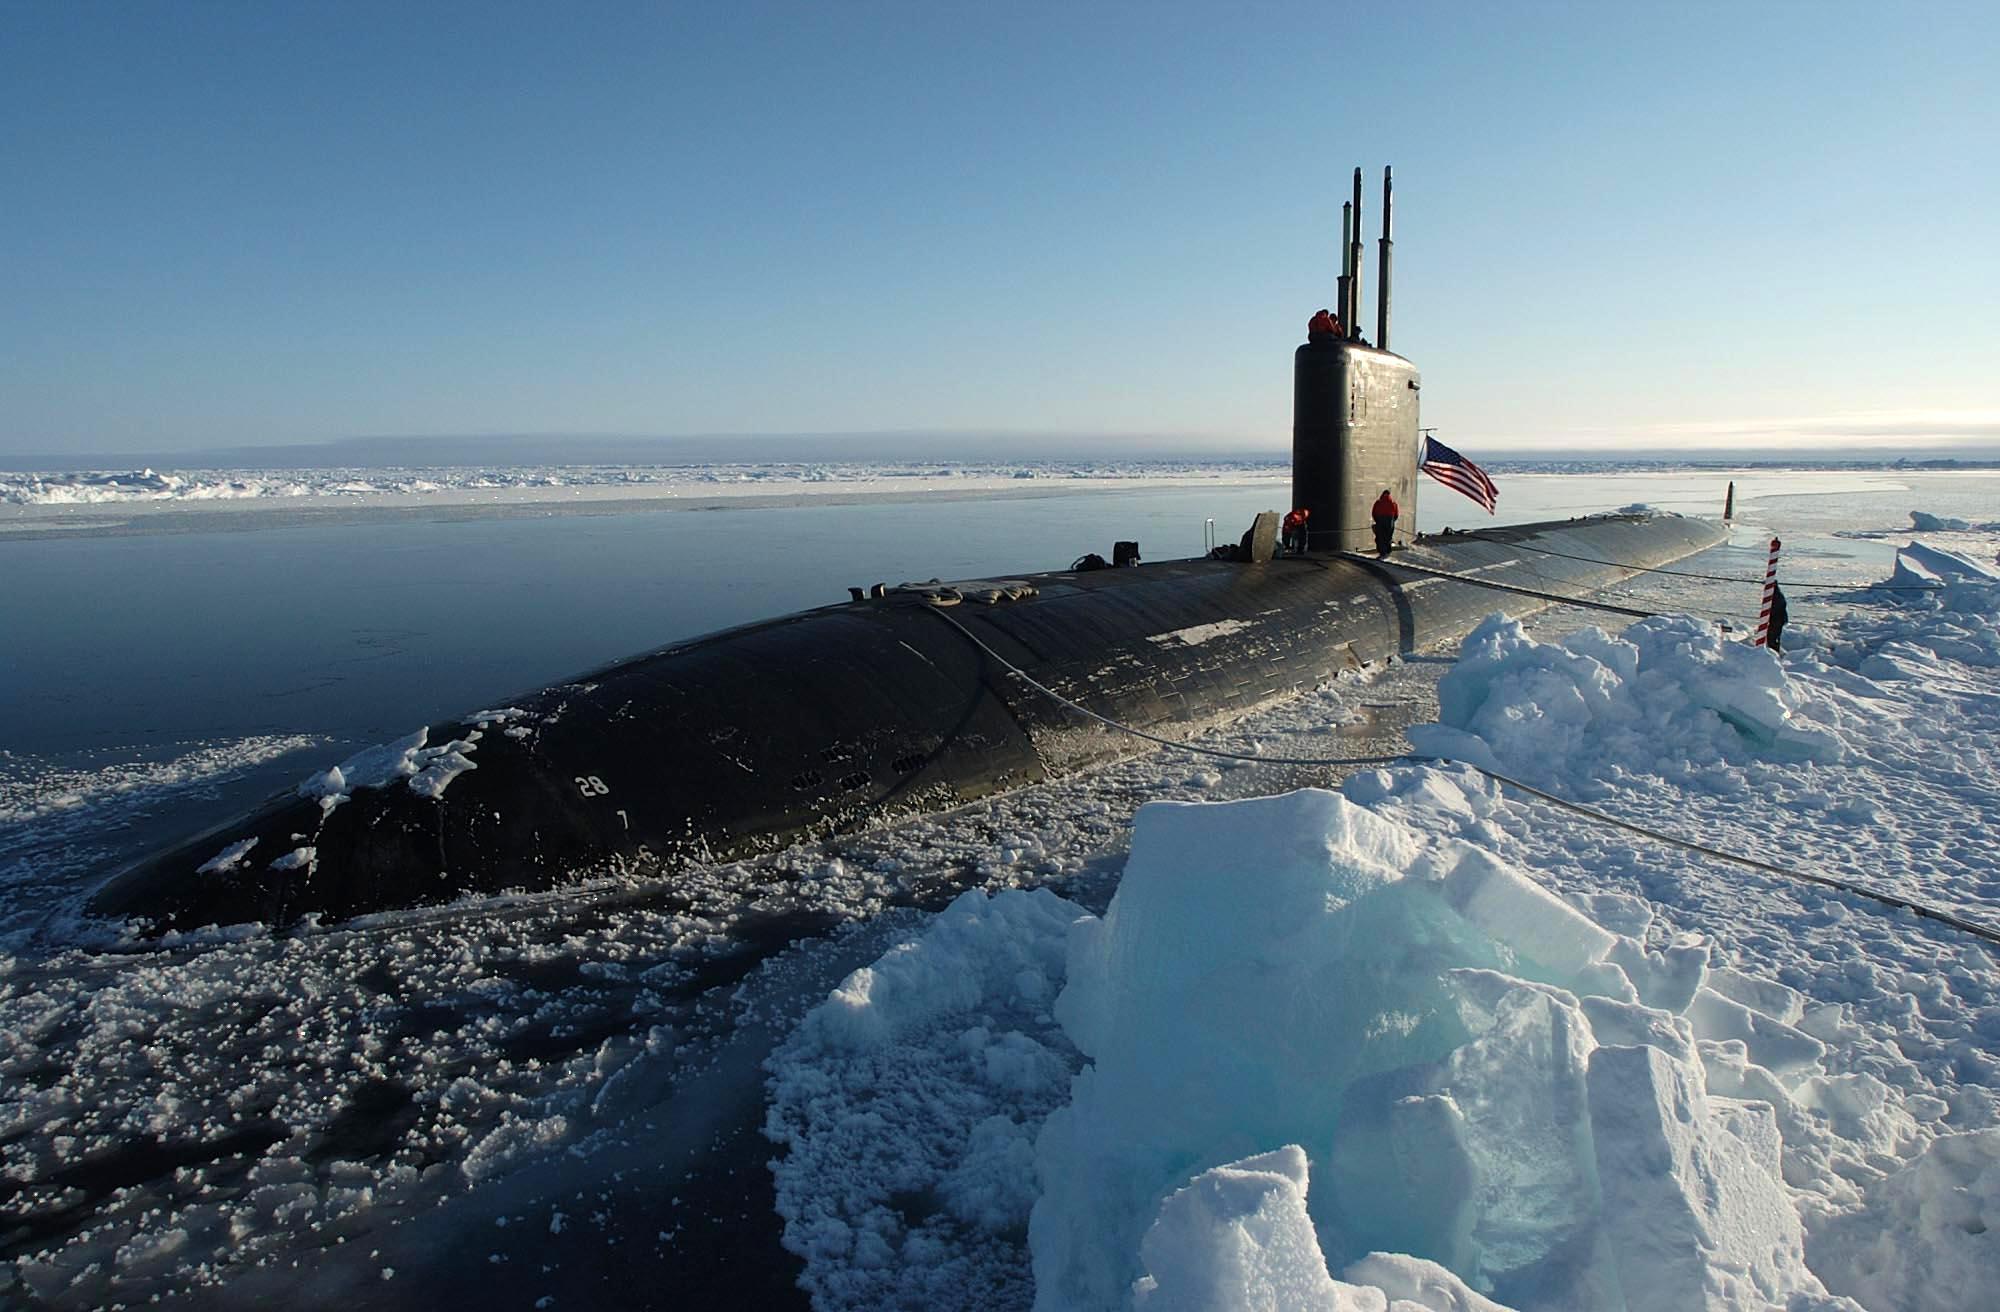 Le sous-marin d'attaque nucléaire américain USS Hampton (SSN 767), de classe Los Angeles, fait surface au pôle Nord, lors d'un exercice opérationnel le 19 avril 2004. (Source : CSP)